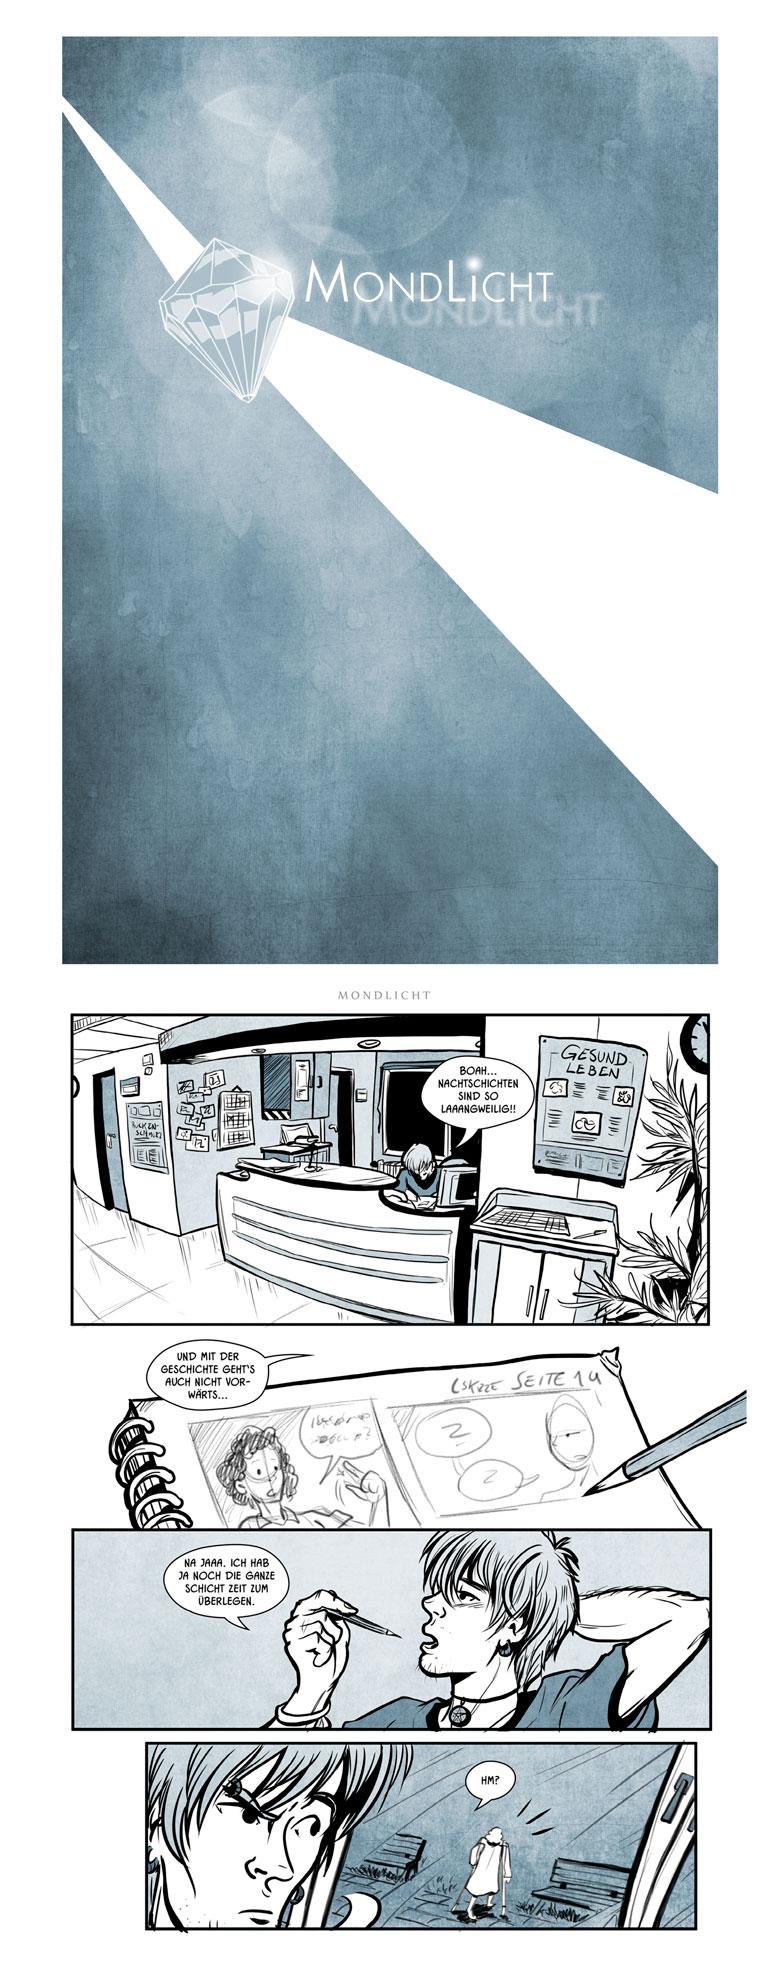 Mondlicht – Seite 1